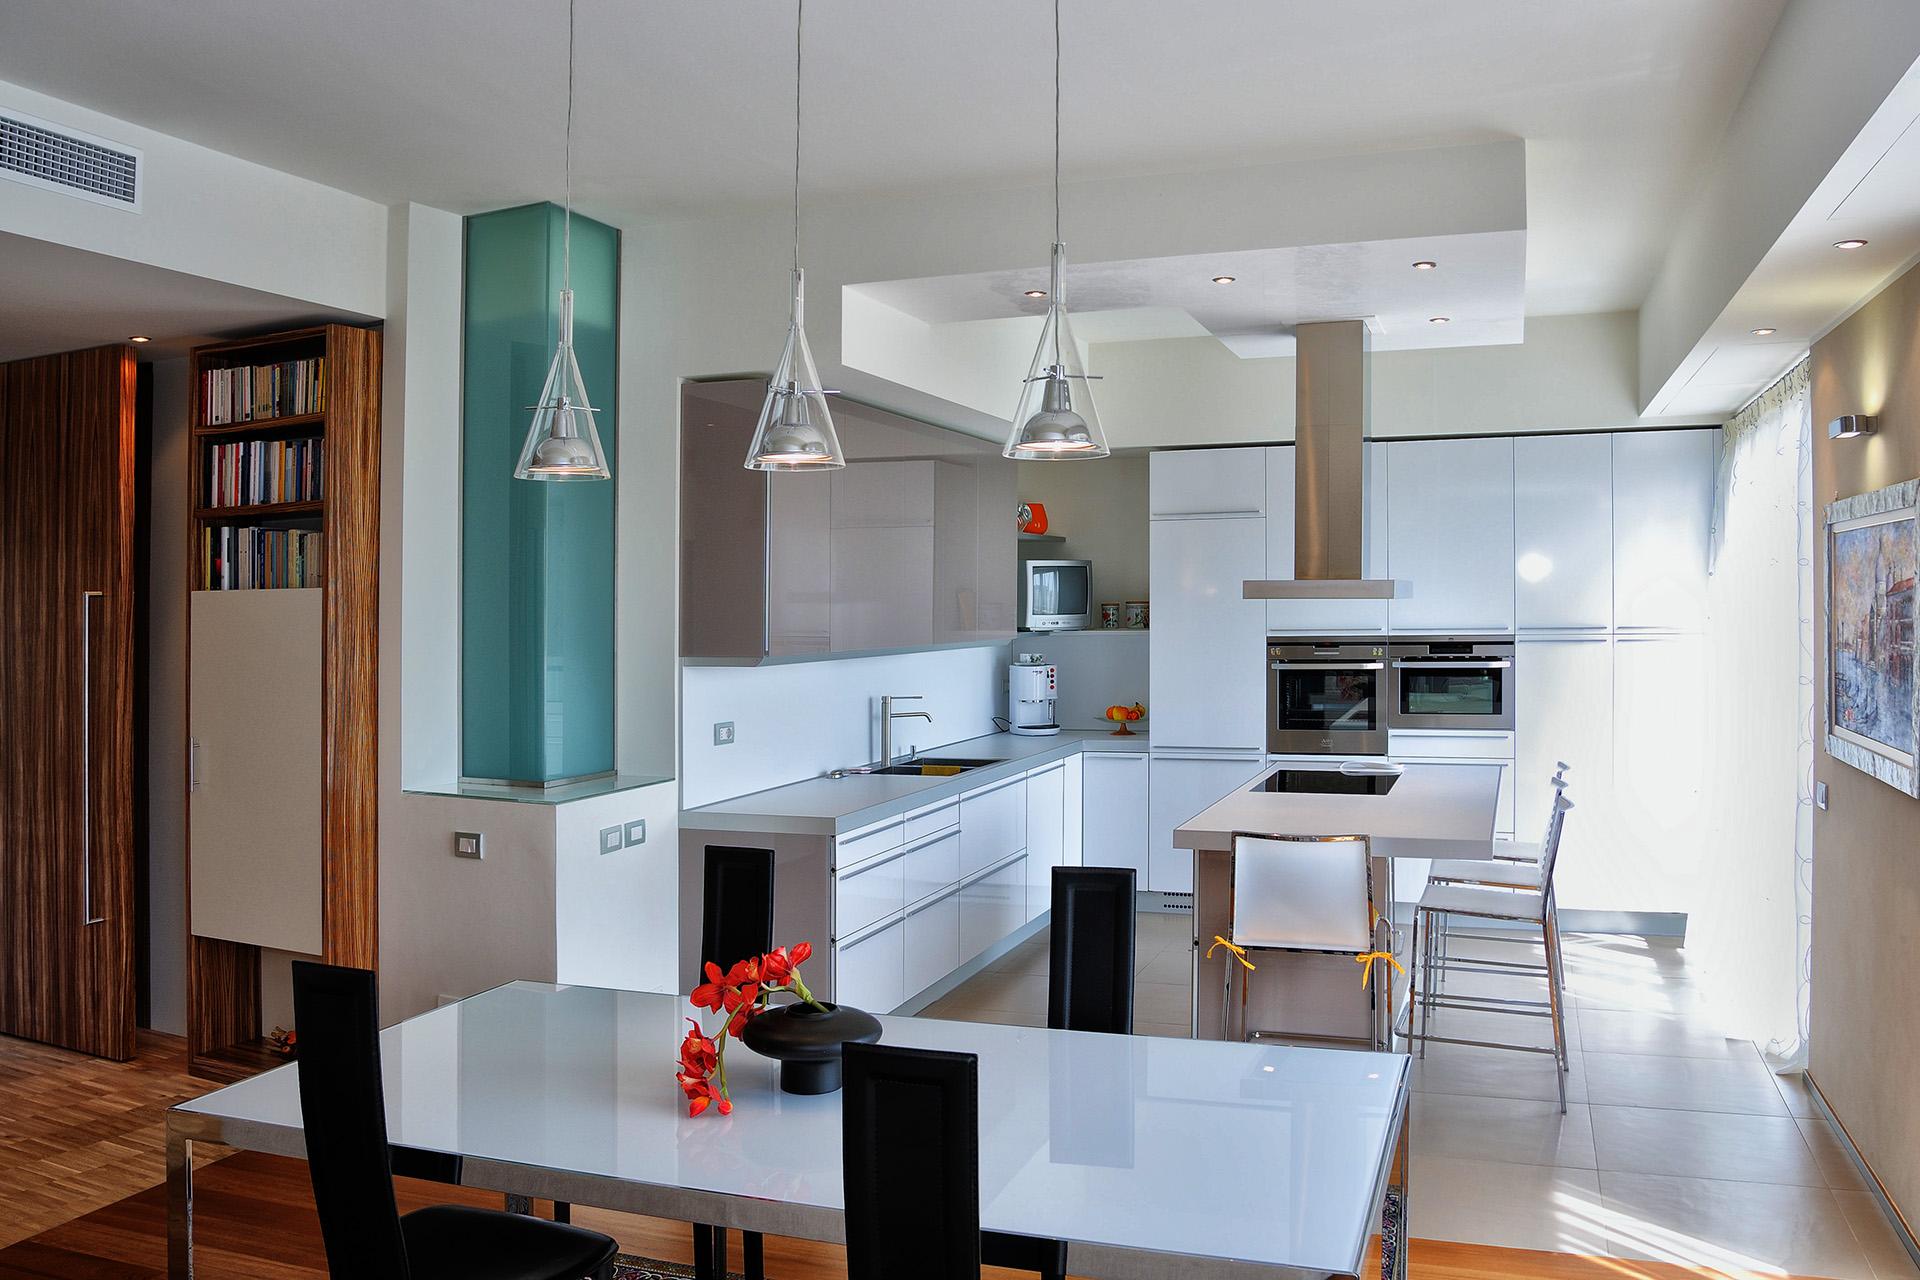 fotografia_interni_case_appartamenti_hotel_camere_lecco